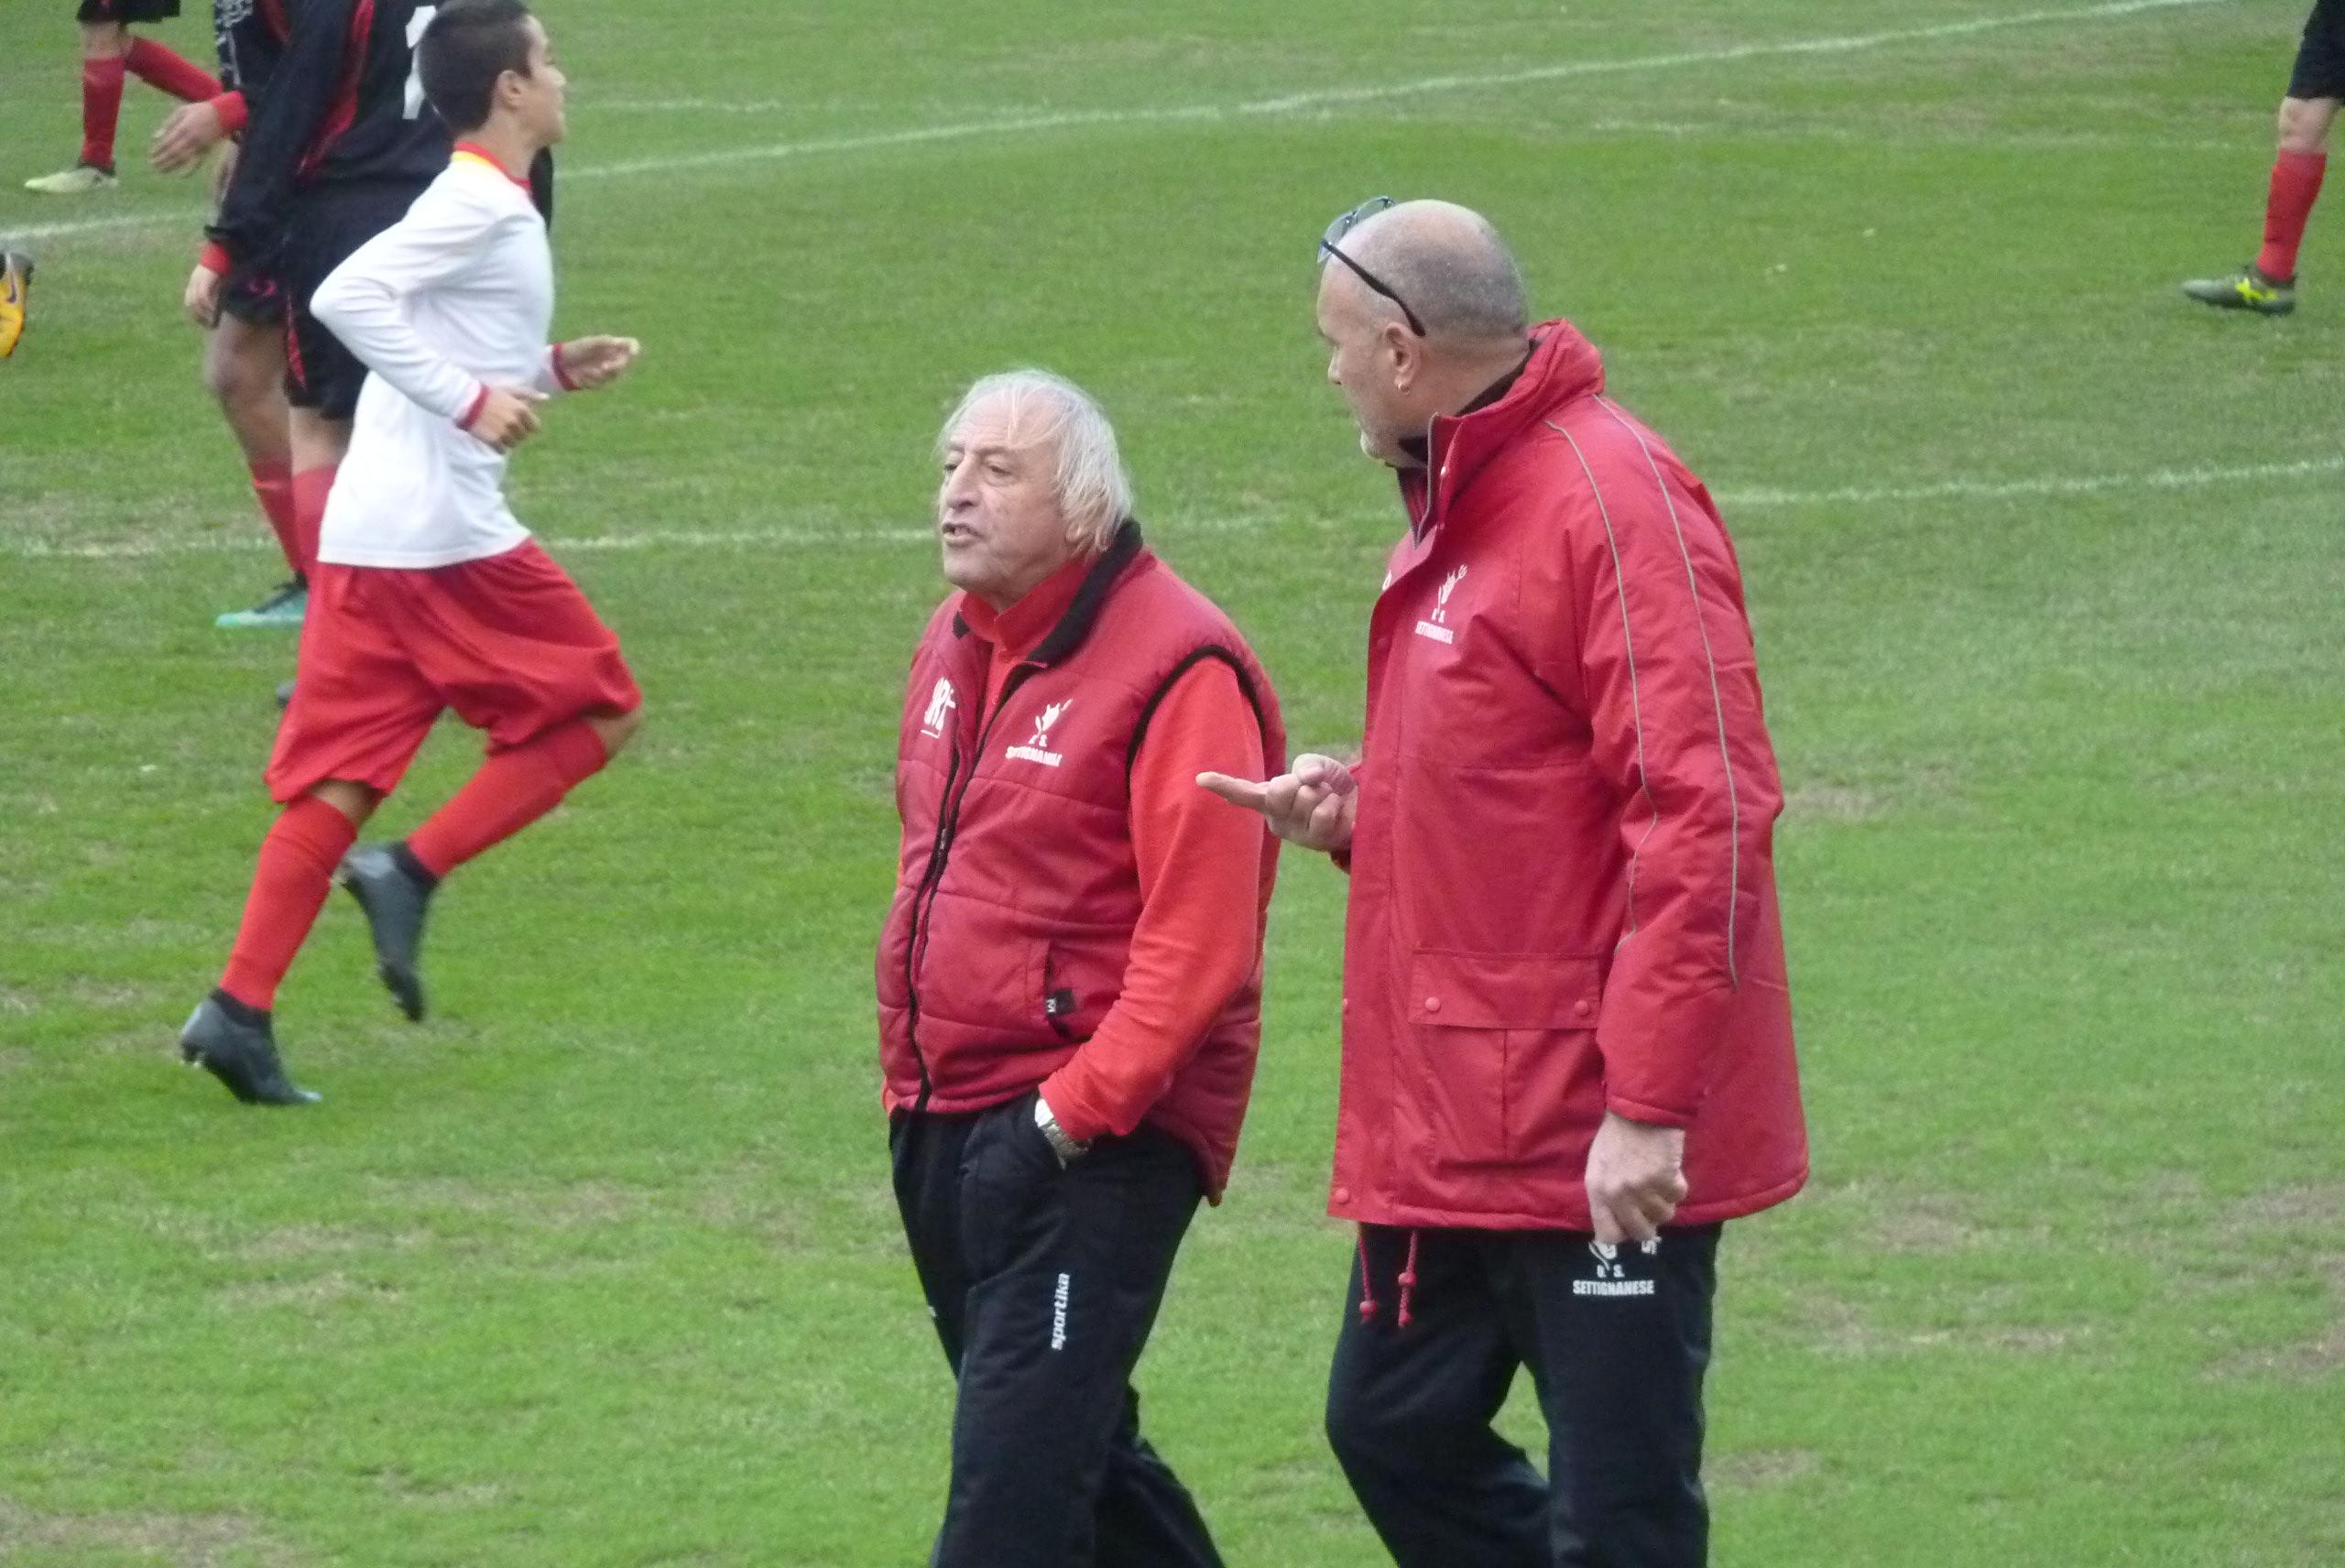 Campionando - Calcio Giovanile e Dilettanti - News